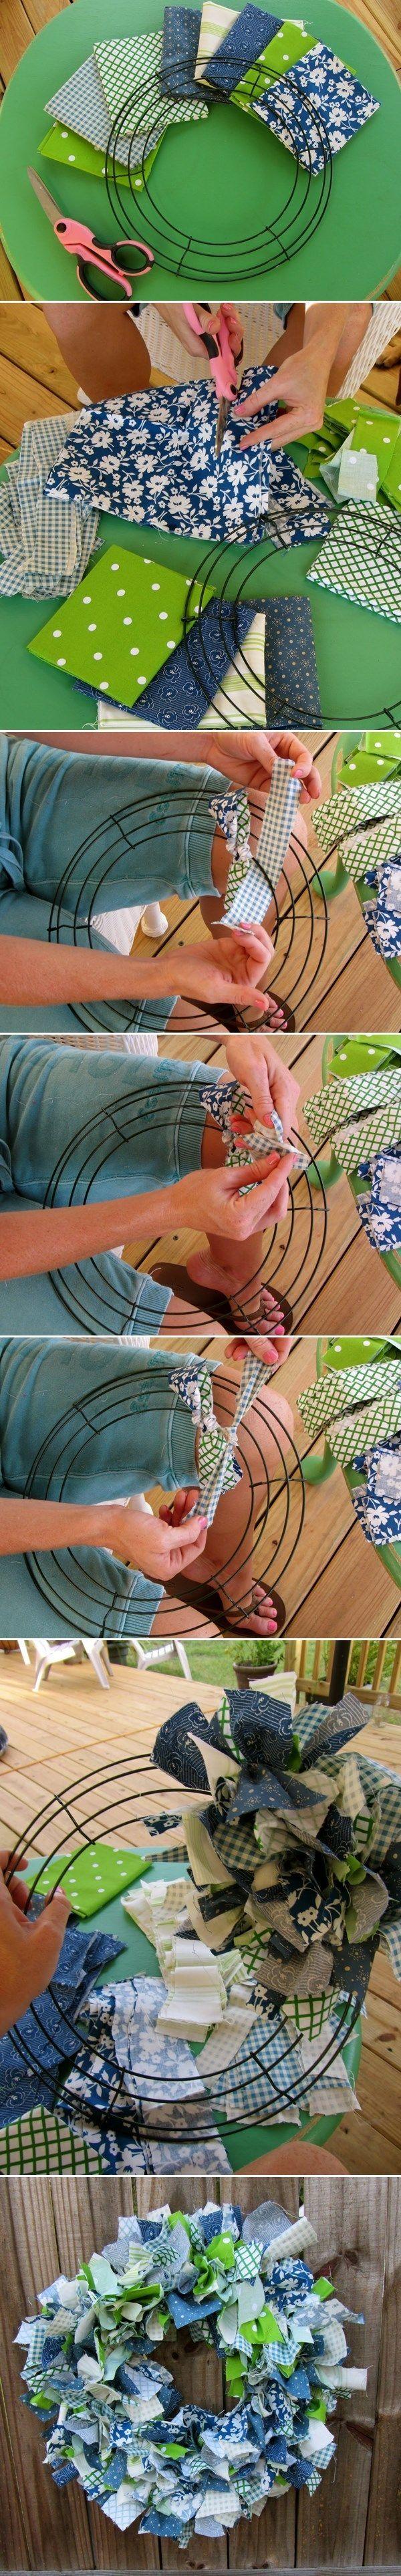 DIY Fabric Wreath Tutorial by Colbarc